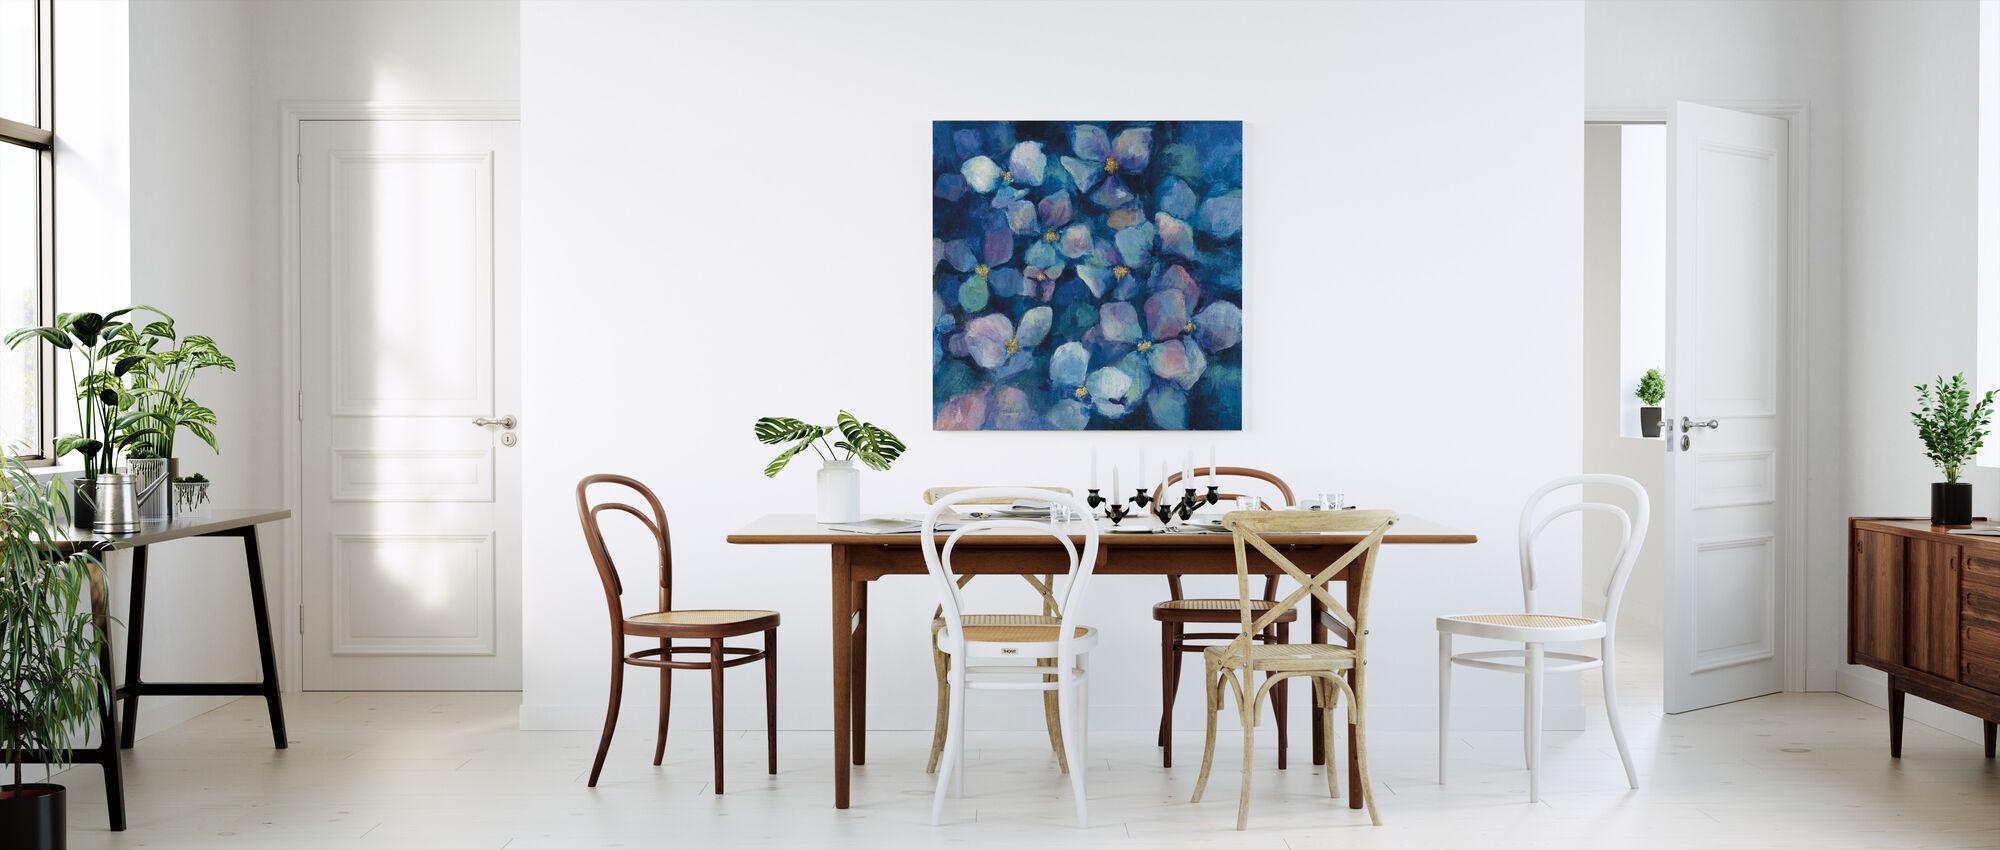 Midnight Blue Hydrangeas with Gold - Canvas print - Kitchen